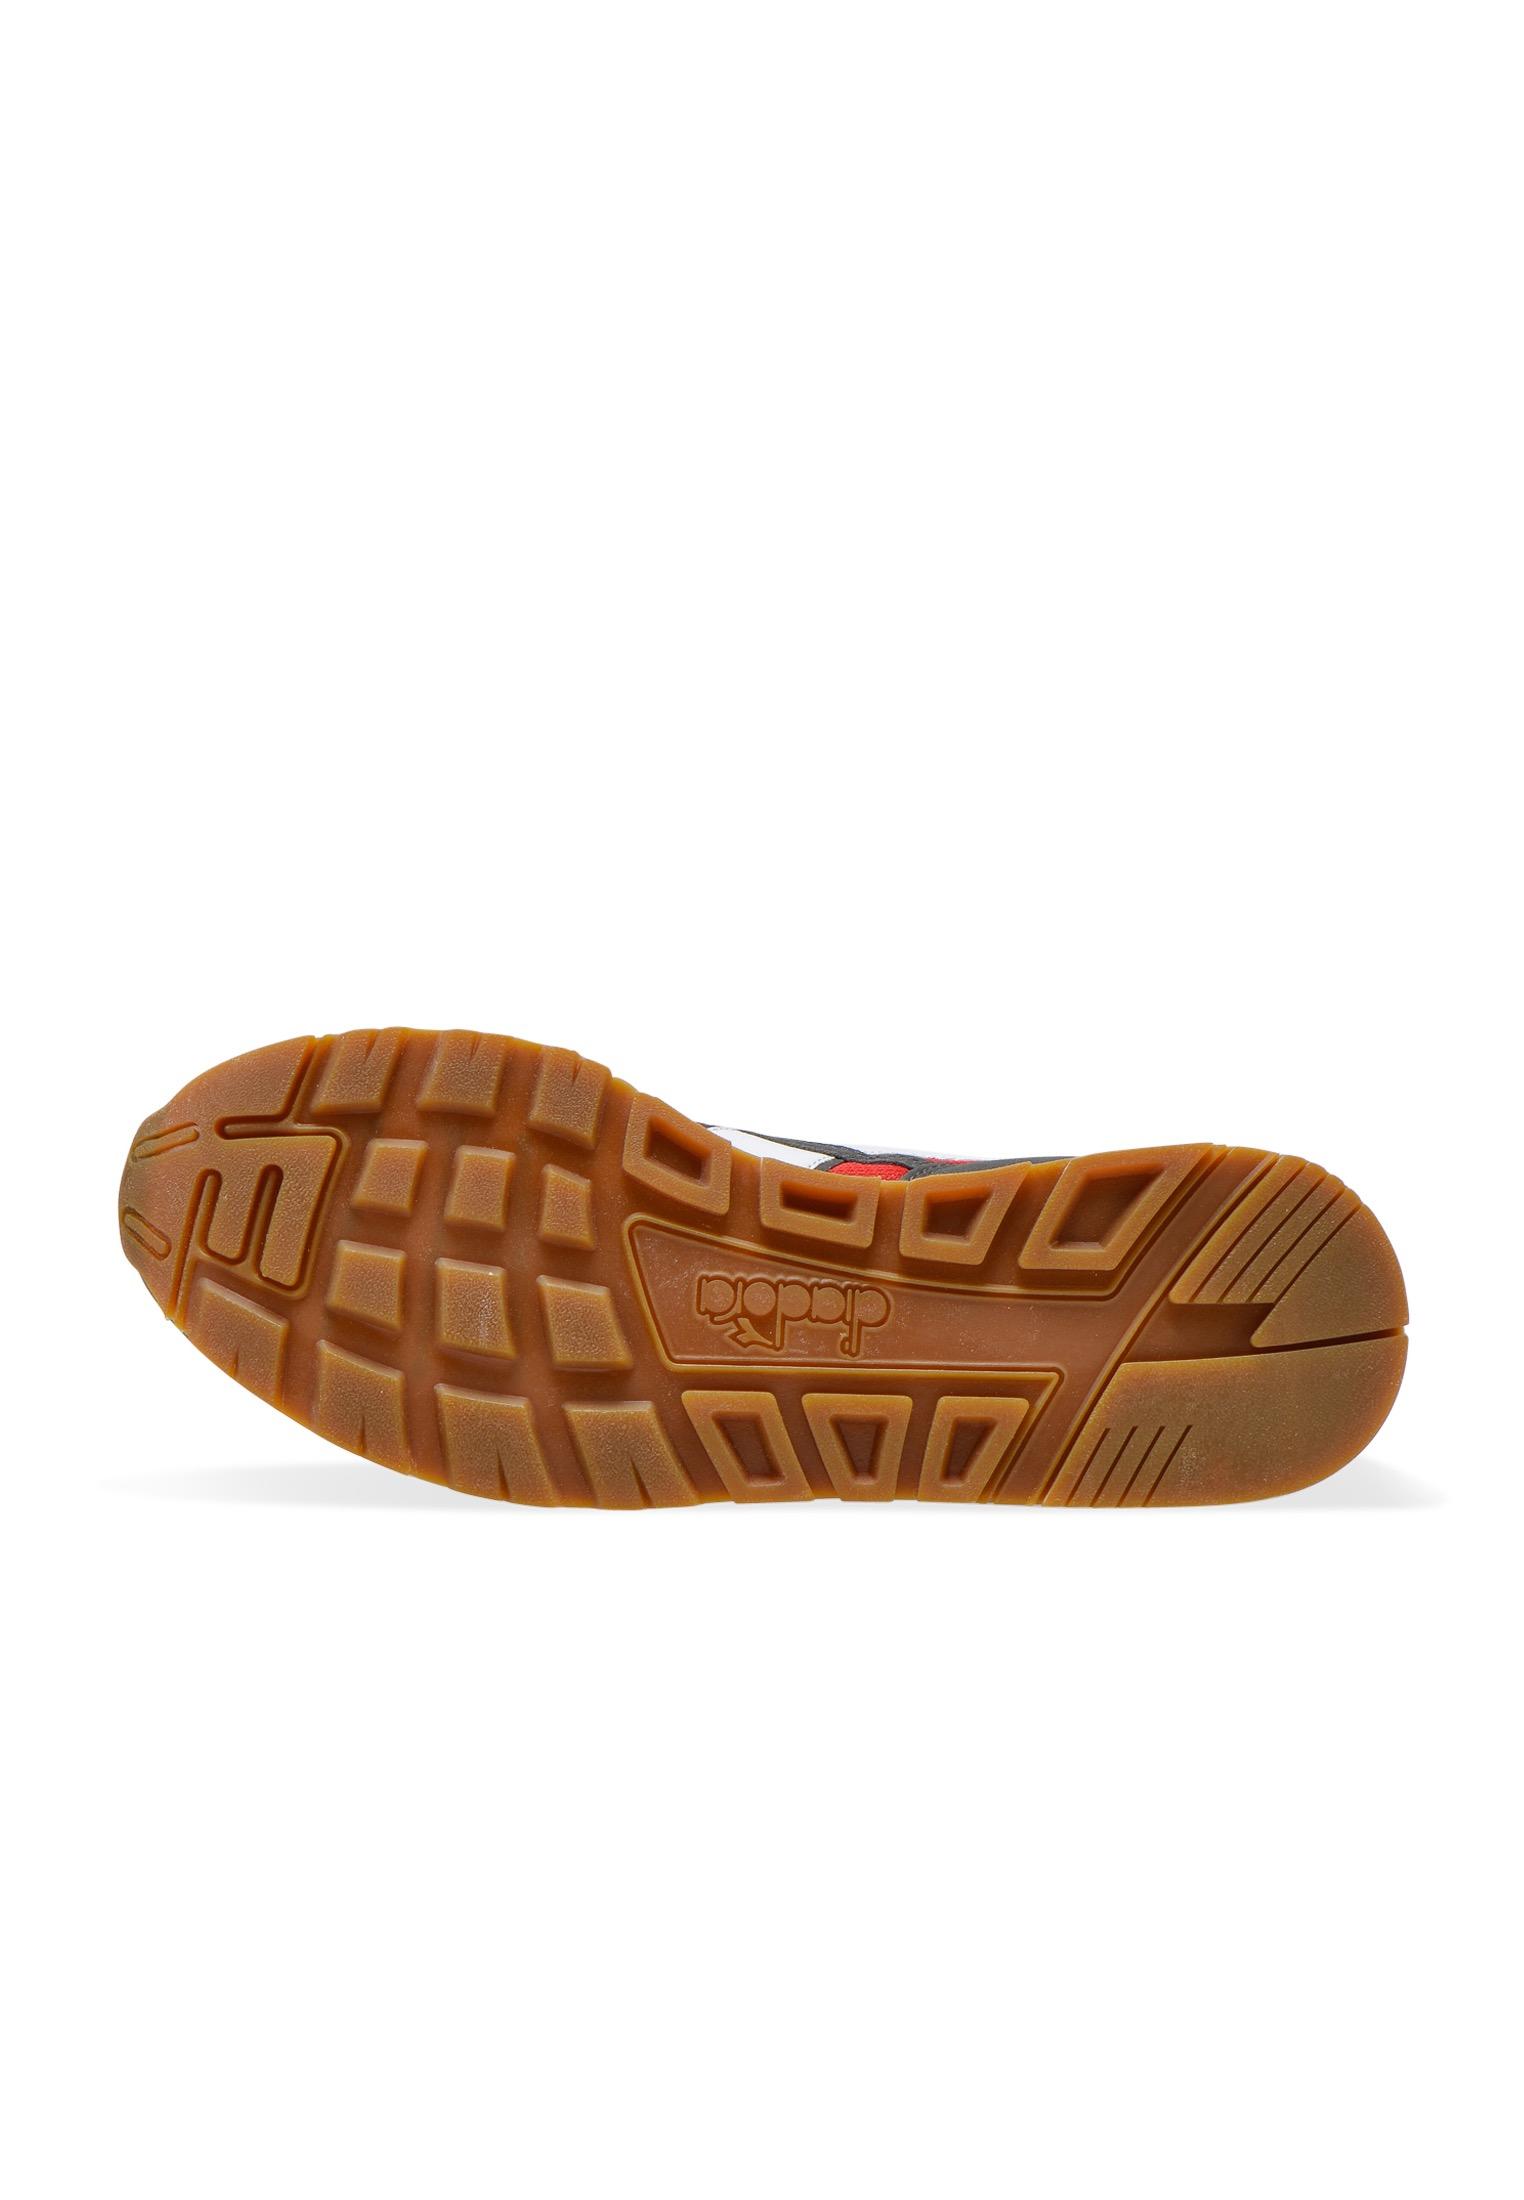 miniatura 10 - Diadora - Sneakers N.92 per uomo e donna